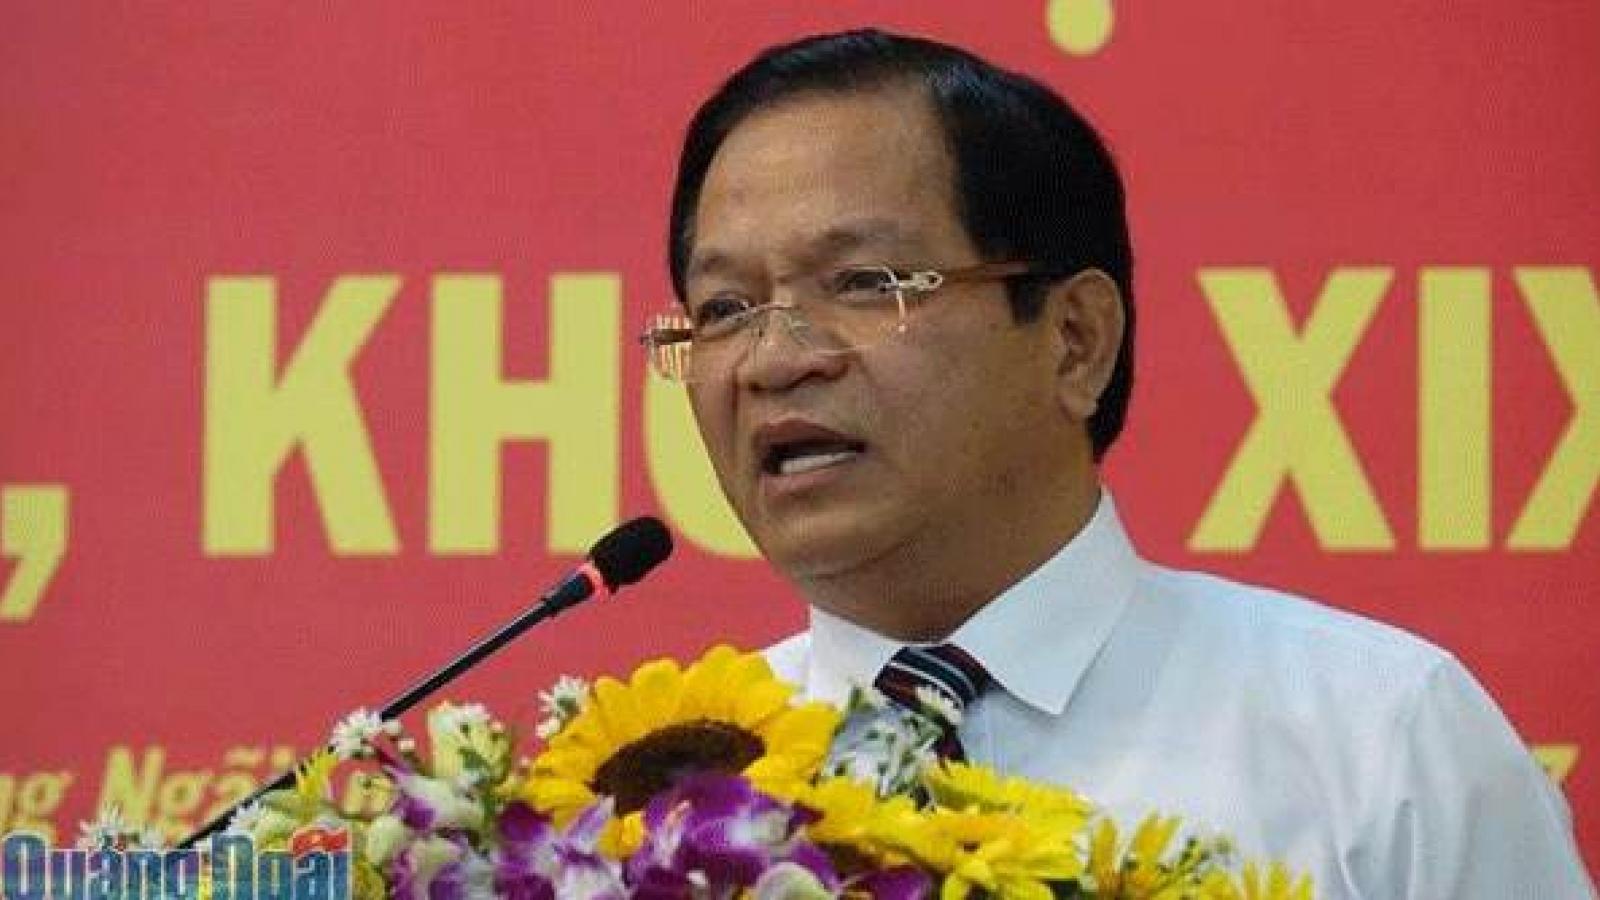 Xem xét kỷ luật Bí thư và Chủ tịch tỉnh Quảng Ngãi